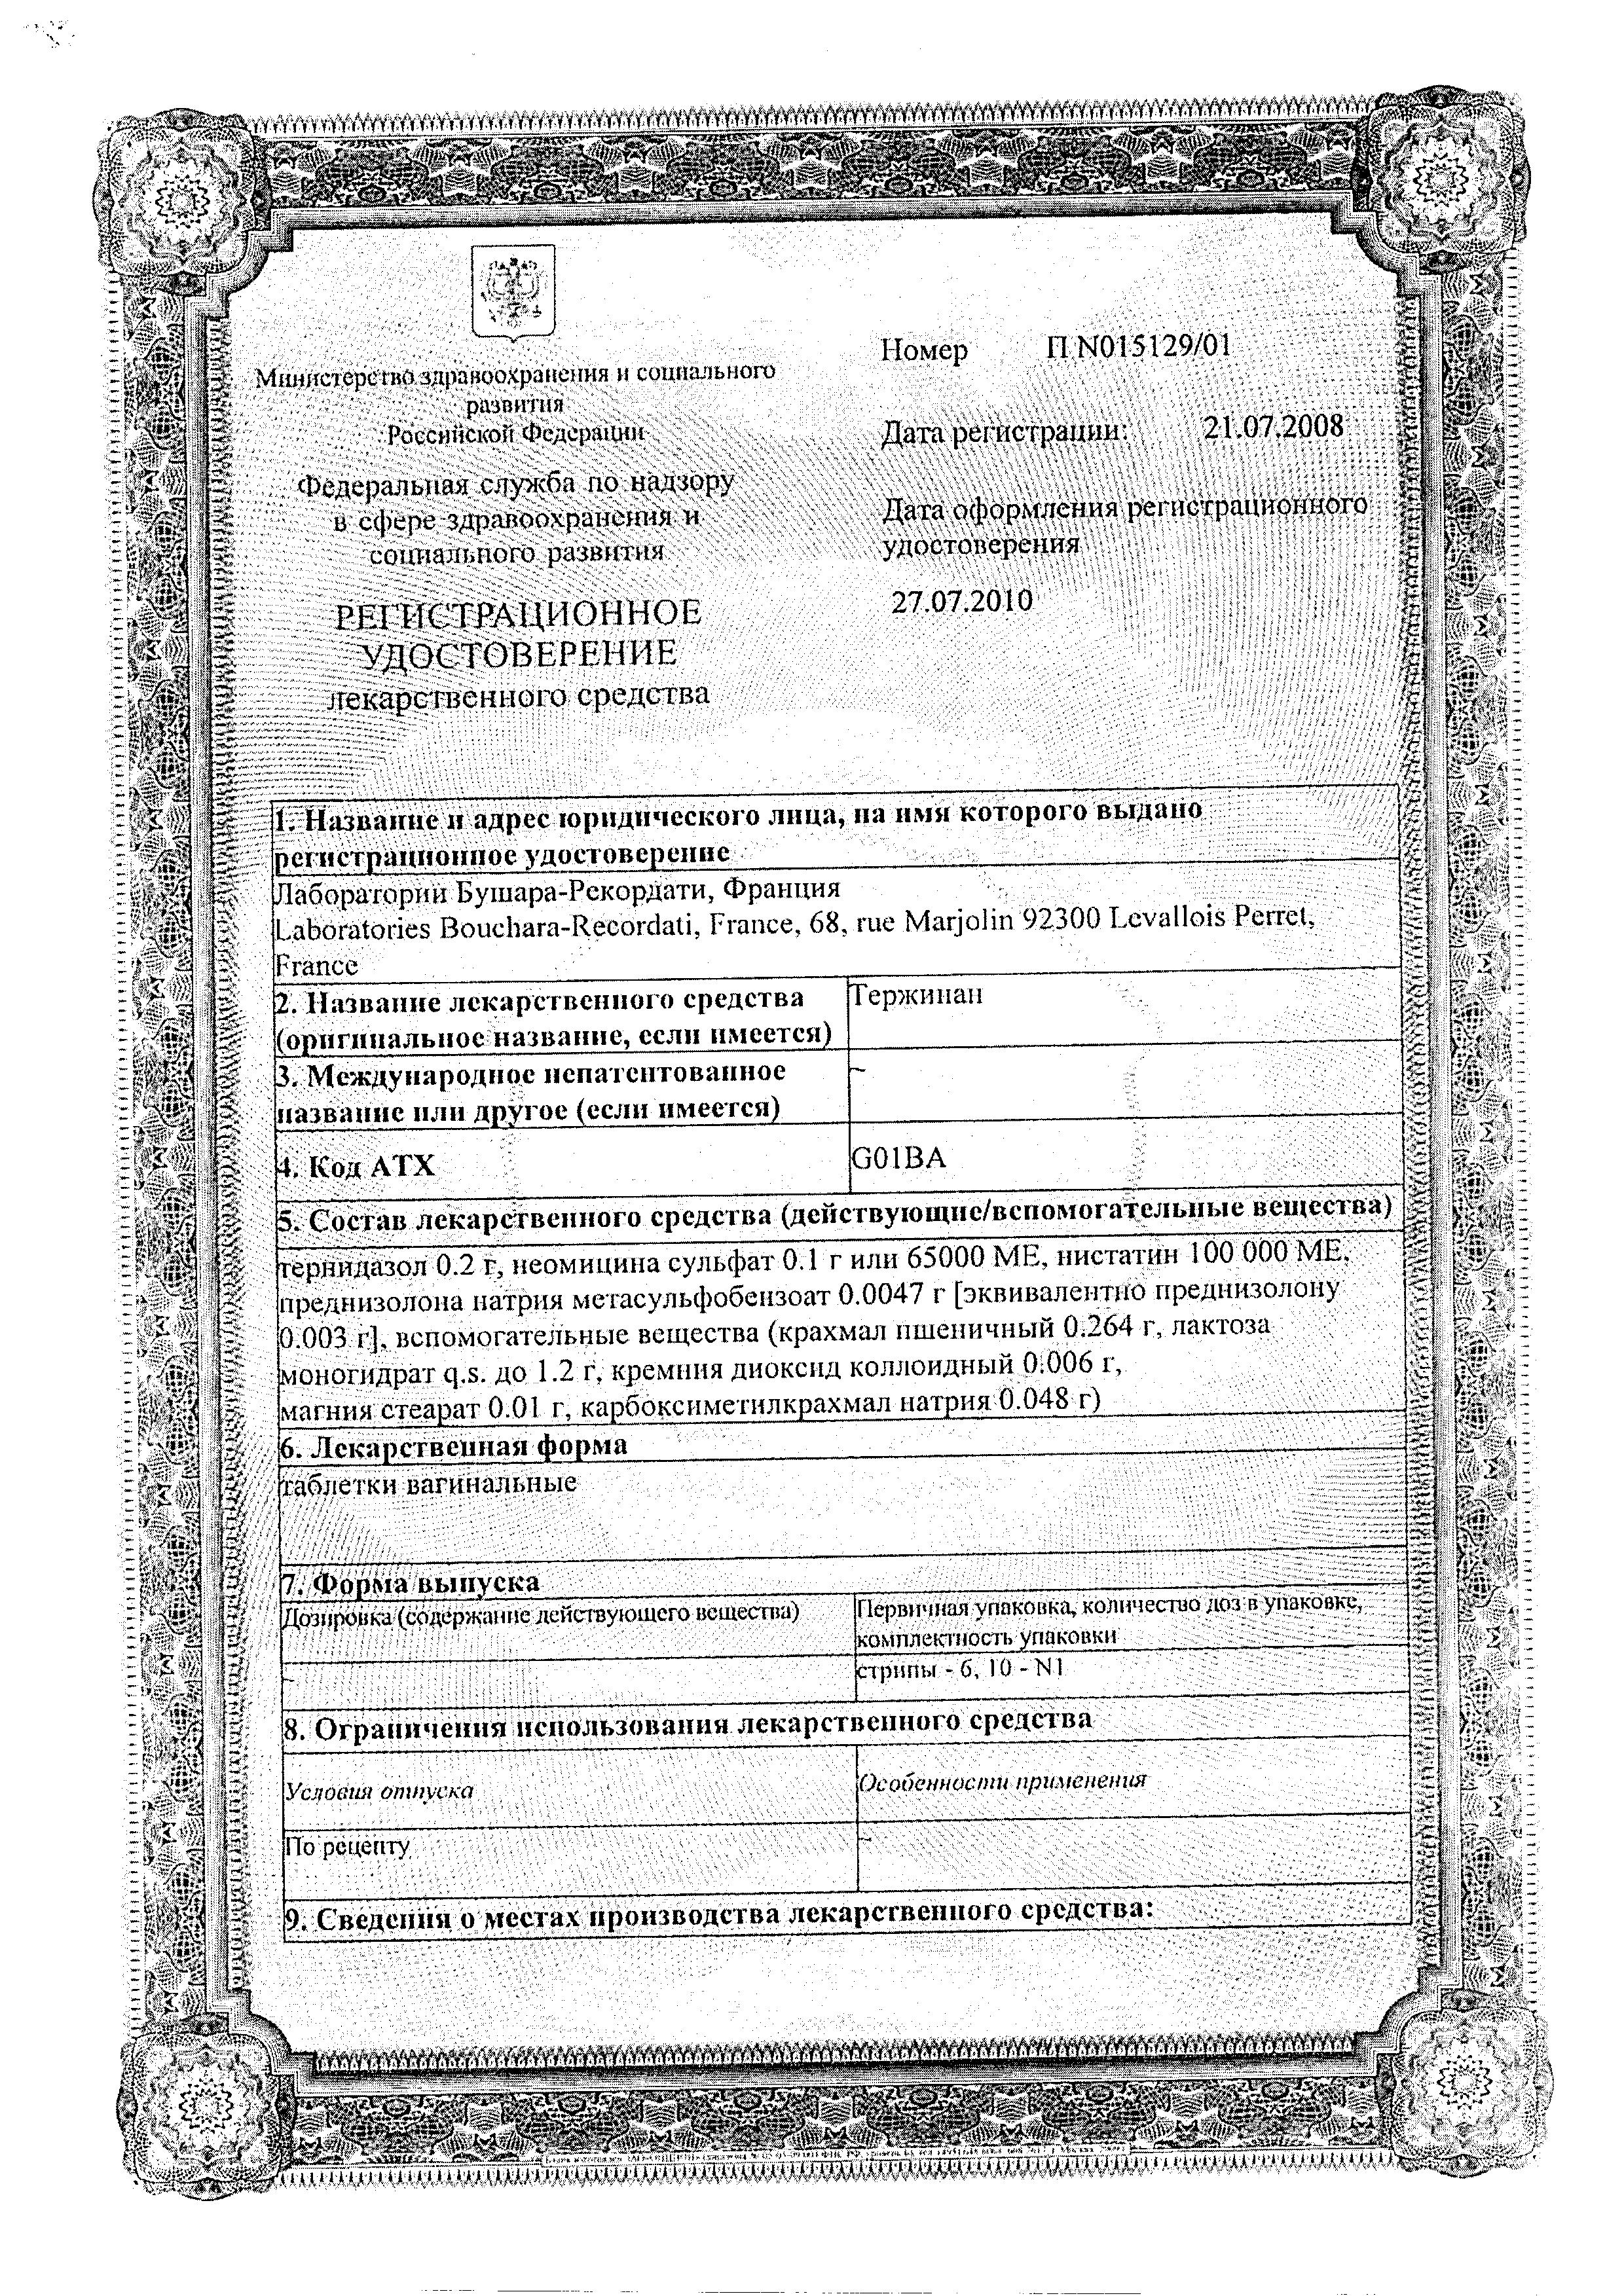 Тержинан сертификат